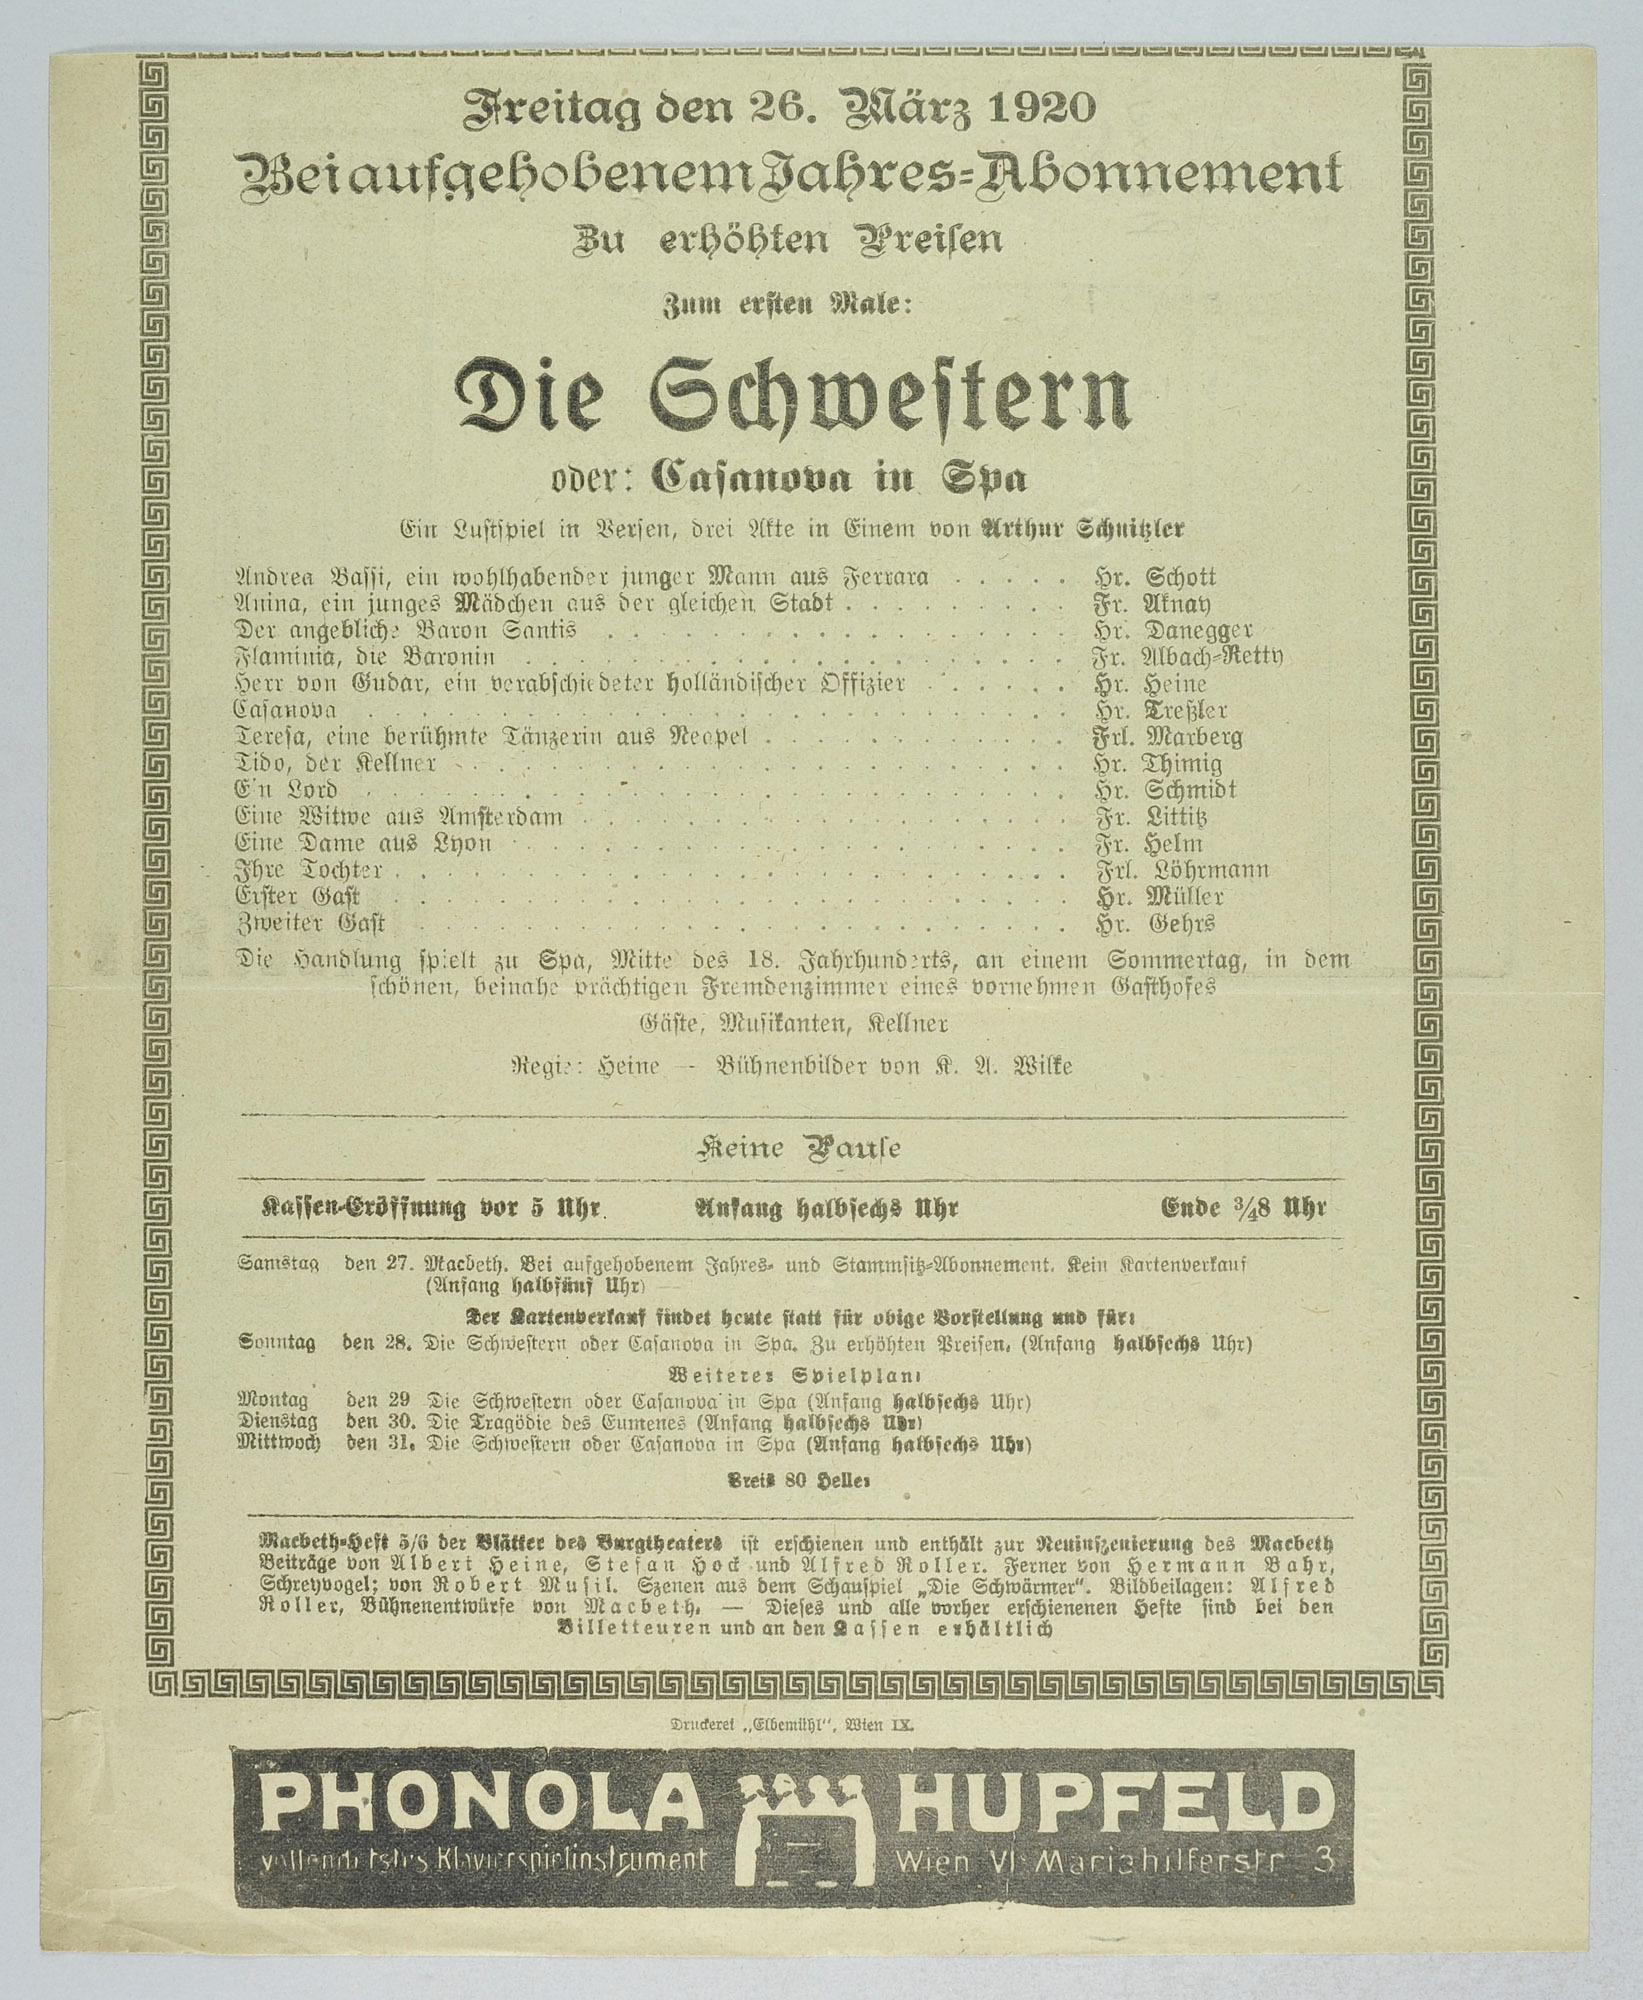 Die Schwestern oder Casanova in Spa von Arthur Schnitzler